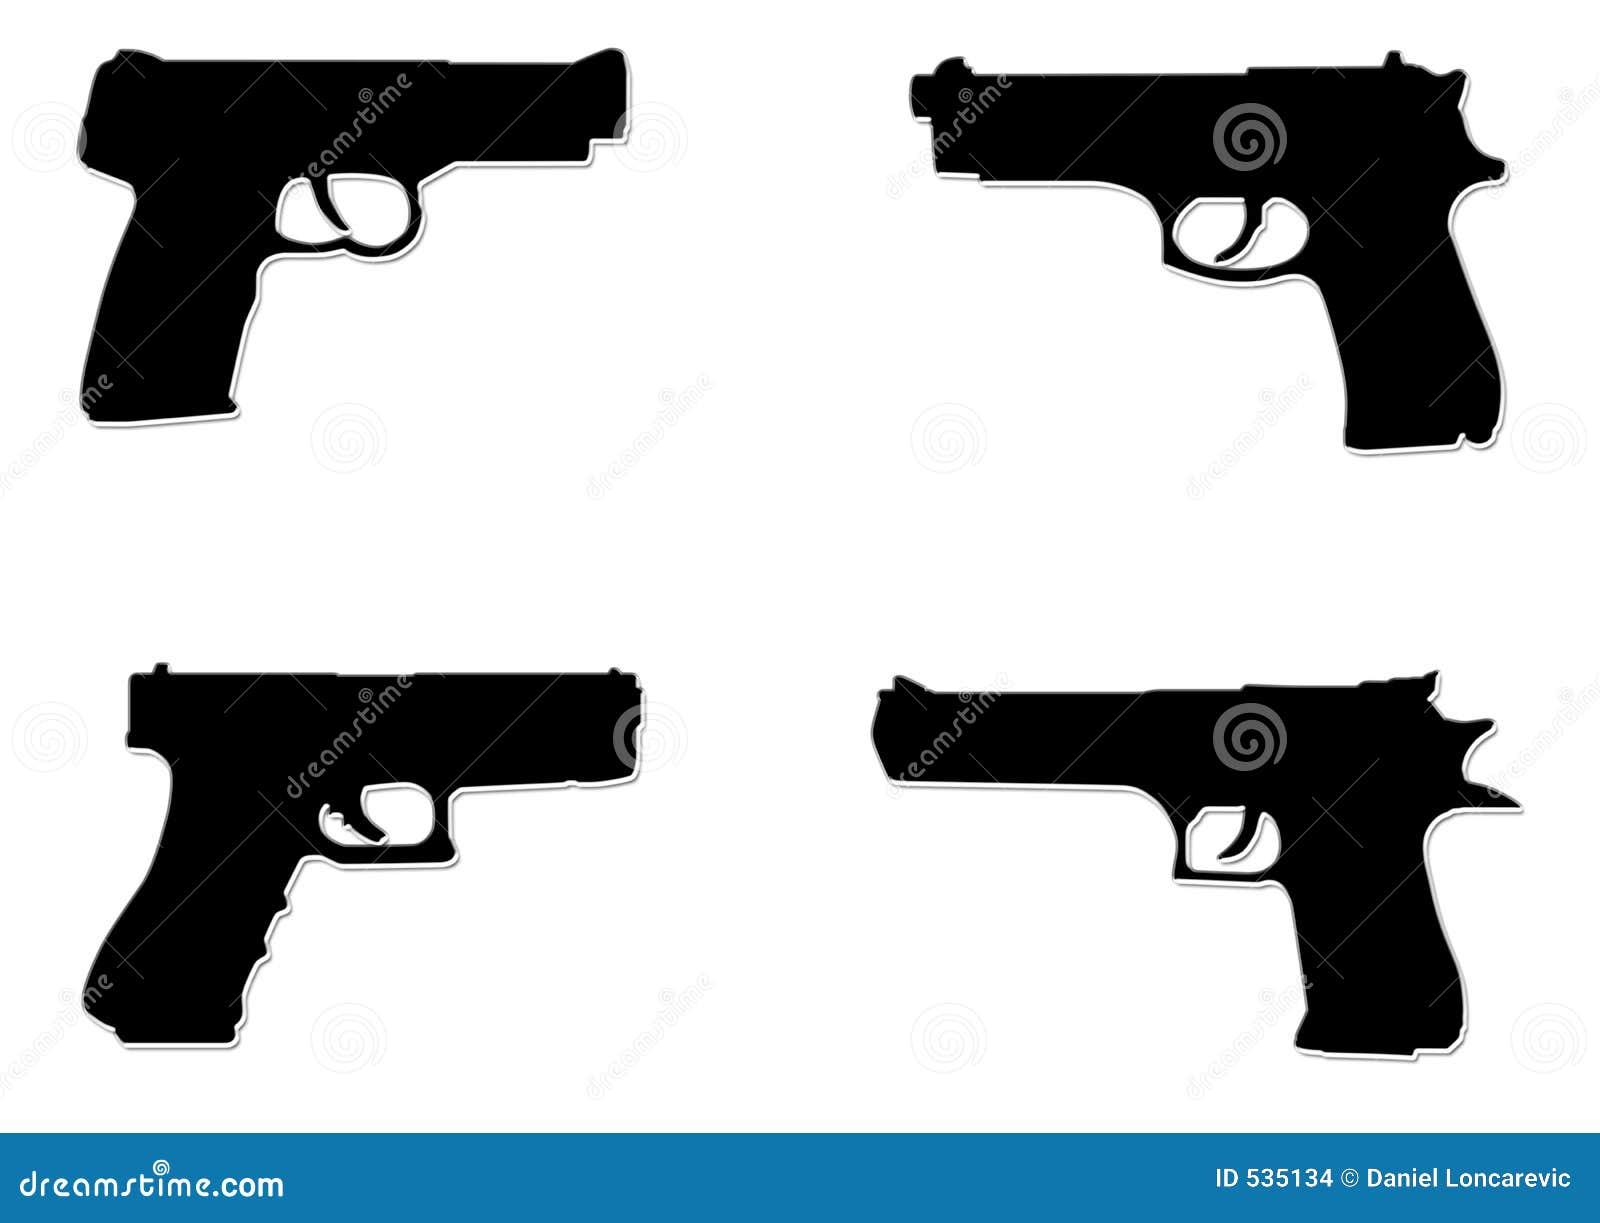 Download 黑色手枪 库存例证. 插画 包括有 孤立, 手枪, 形状, 投反对票, 深奥, 背包, 查出, 背包徒步旅行者 - 535134